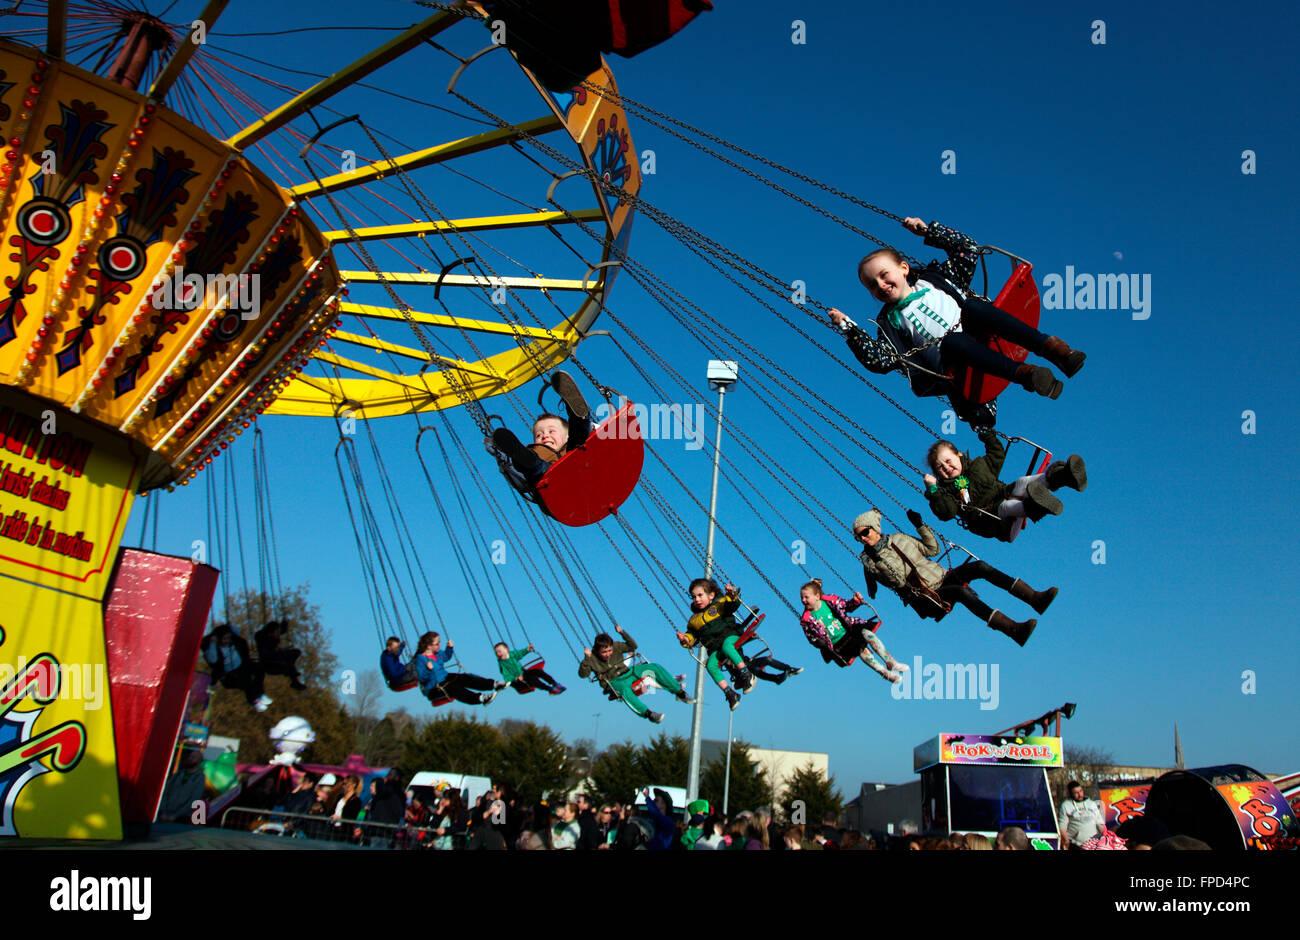 Children enjoy the swings at Carrickmacross funfair on St Patricks Day - Stock Image